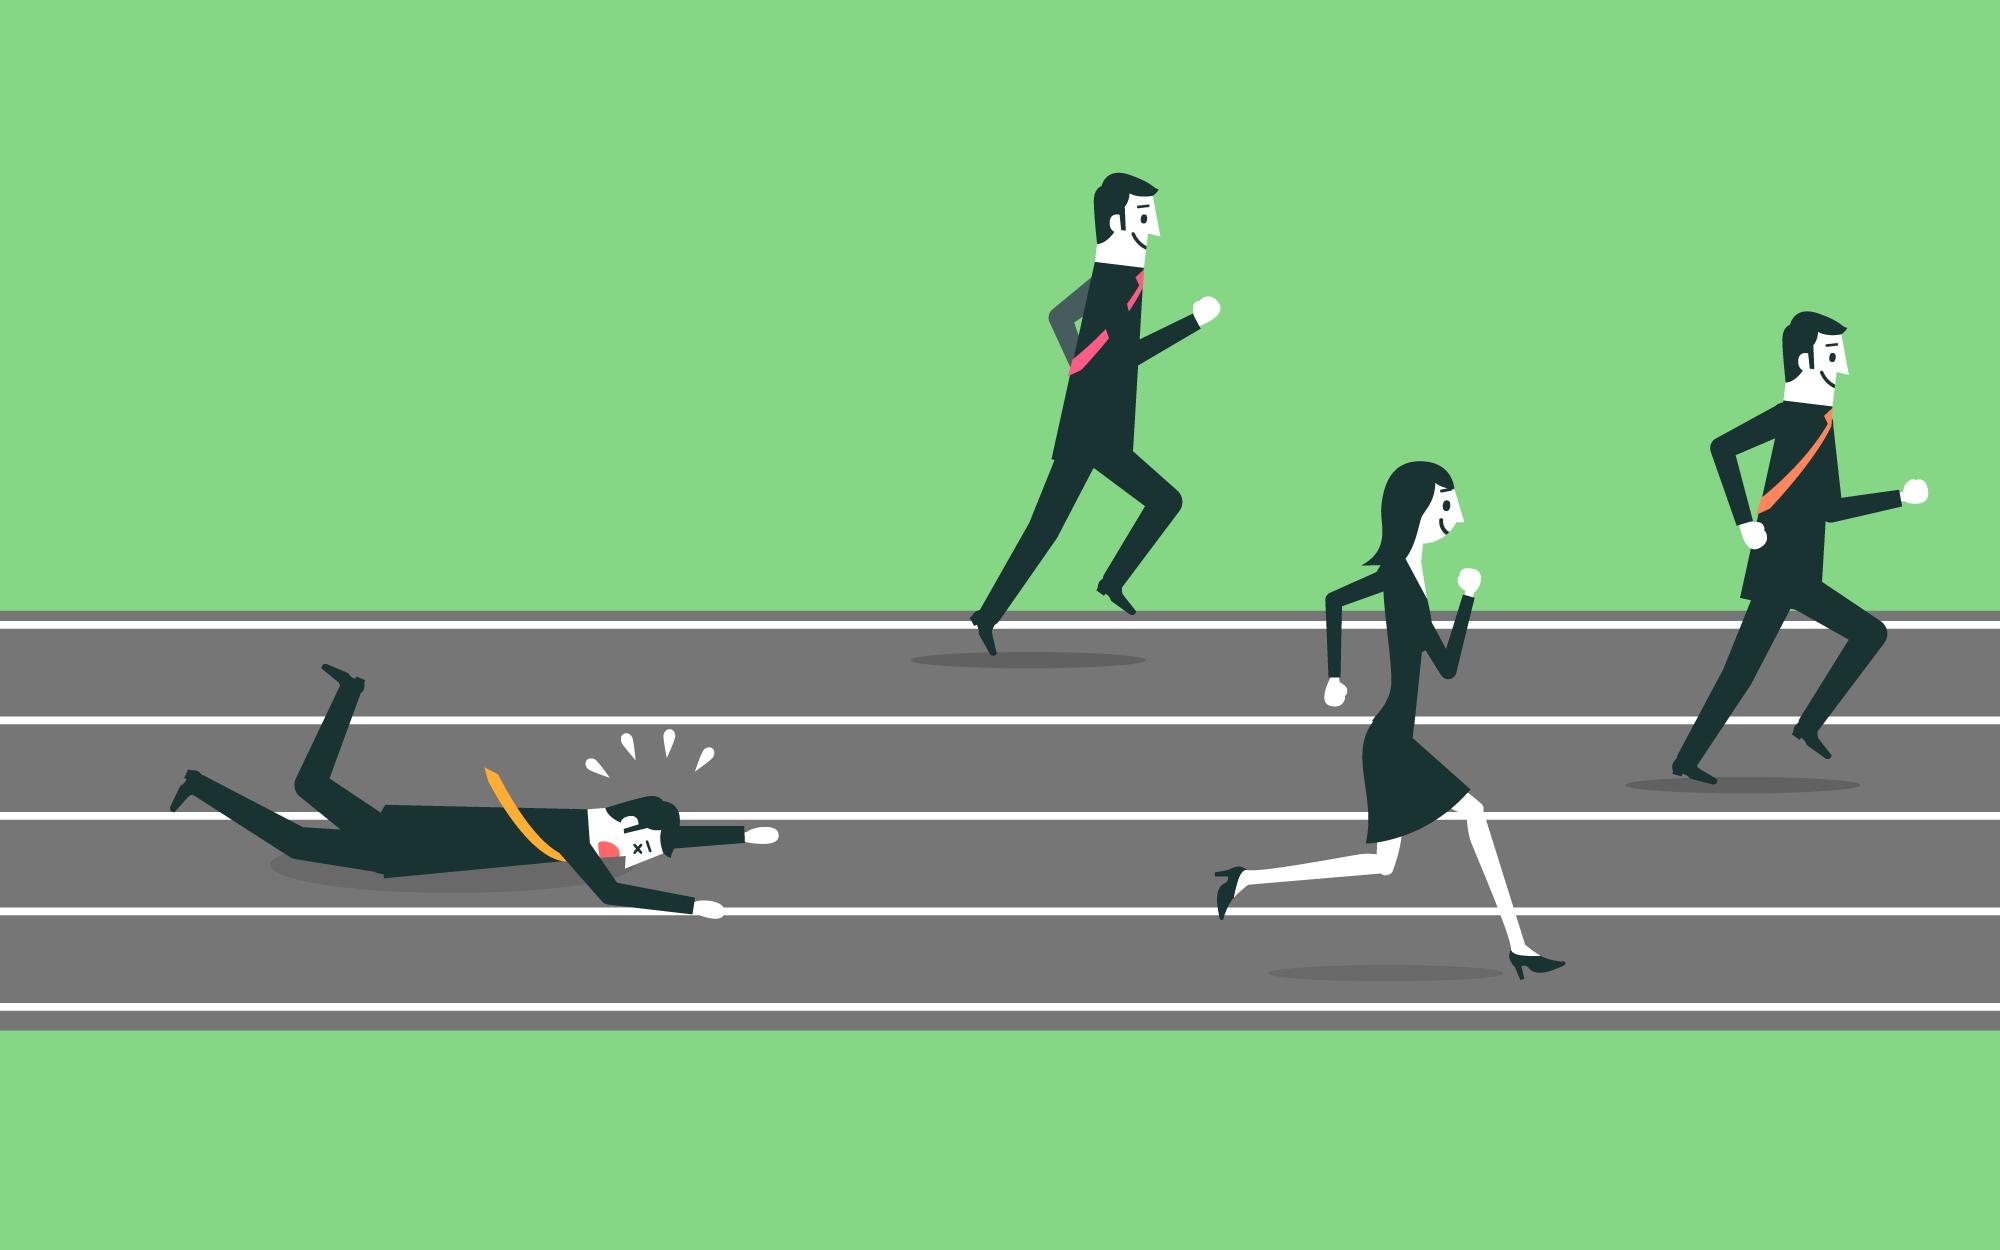 ۴ دلیل شکست استارتاپها در یک نگاه